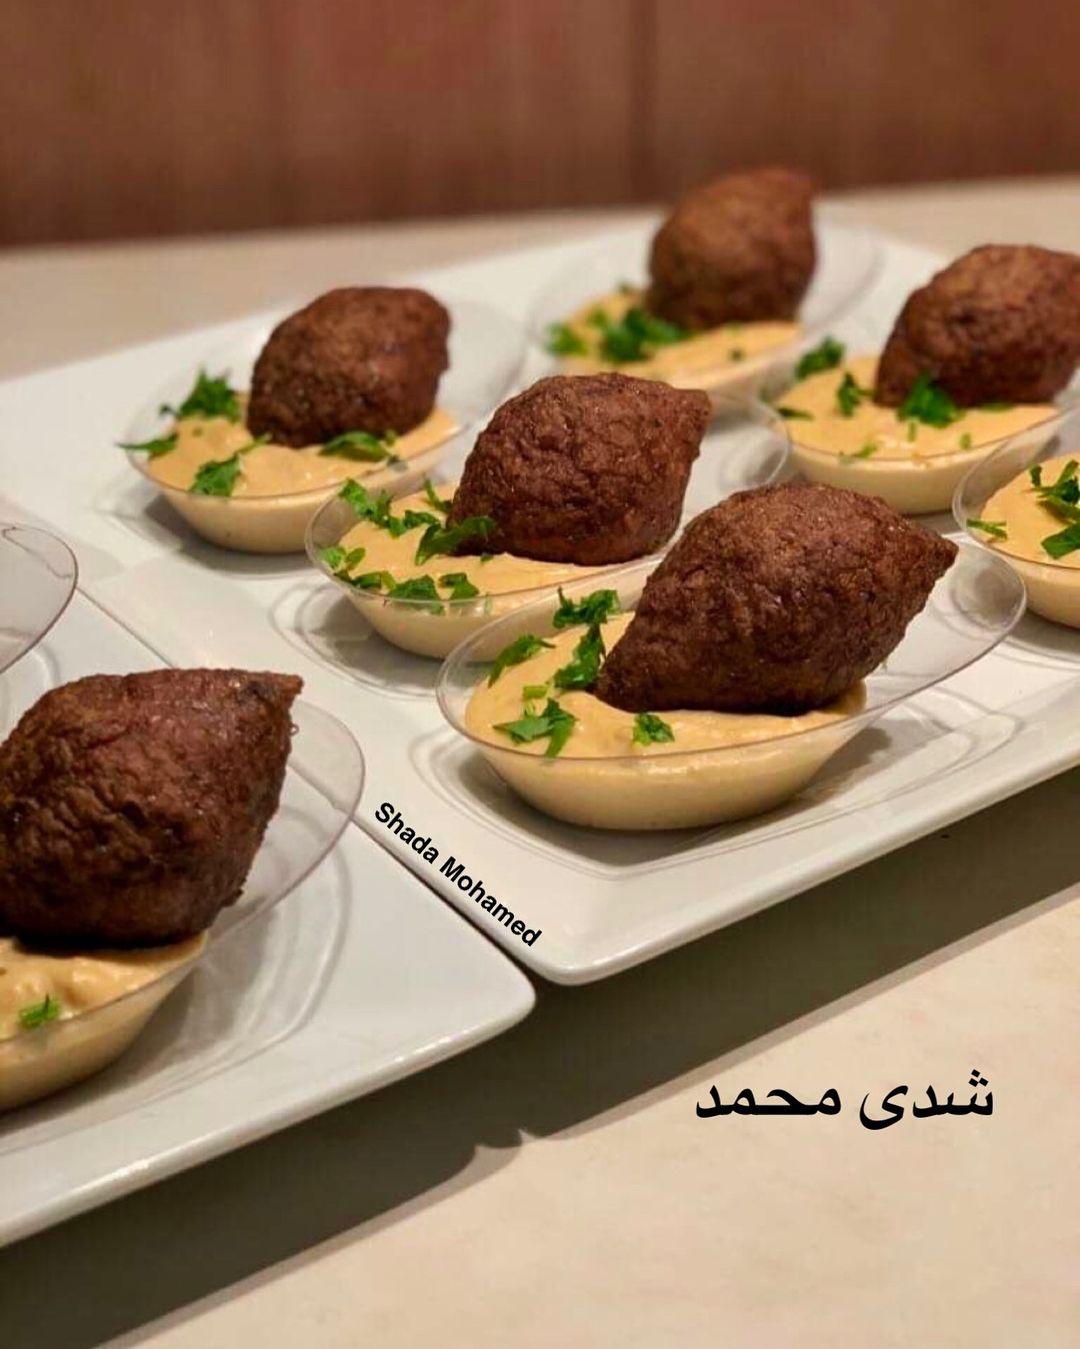 Shada Mohomed Dida On Instagram صحة فطوركم اسهل طريقة للكبة يعني مستحيل تفشل او تنفتح منك وحلاوتها في الكوشة اخف من القلي Ramadan Recipes Recipes Food